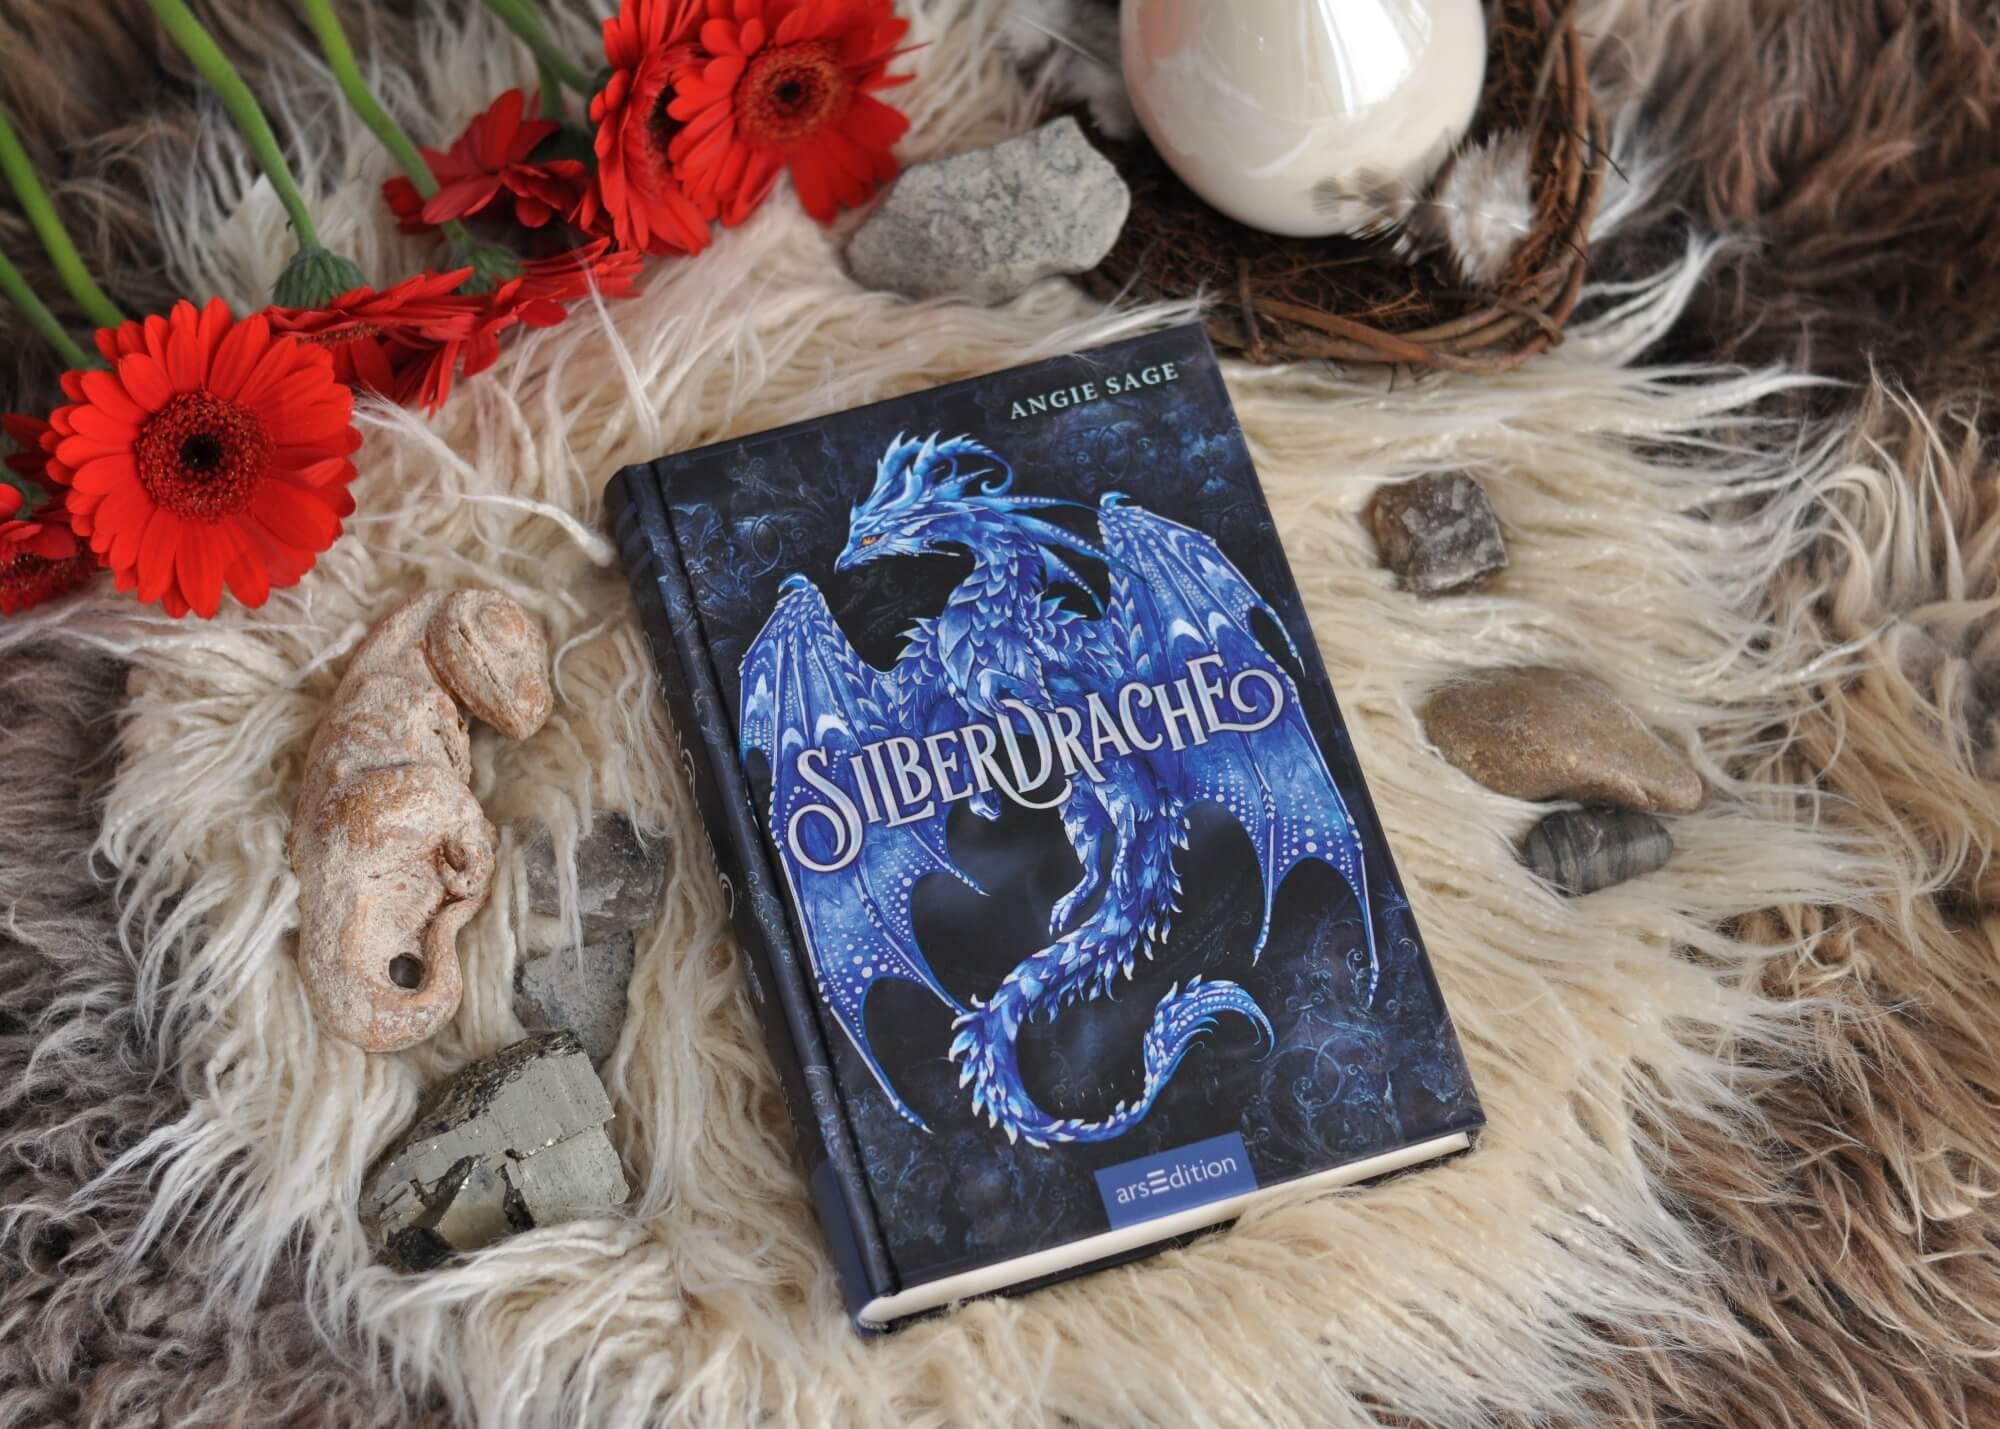 Während in unserer Welt keine Drachen mehr Leben, haben sie in einer anderen die Herrschaft übernommen. Ein Licktblick: Der Silberdrache Lysander, der mit dem Waisenjungen Joss einen Bund eingegangen ist und zwischen den Welten wandeln kann. Ein spannendes Fantasyabenteuer über Freundschaft und Magie. #drache #fantasy #jugendbuch #kinder #buch #lesen #magie #reihe #fliegen